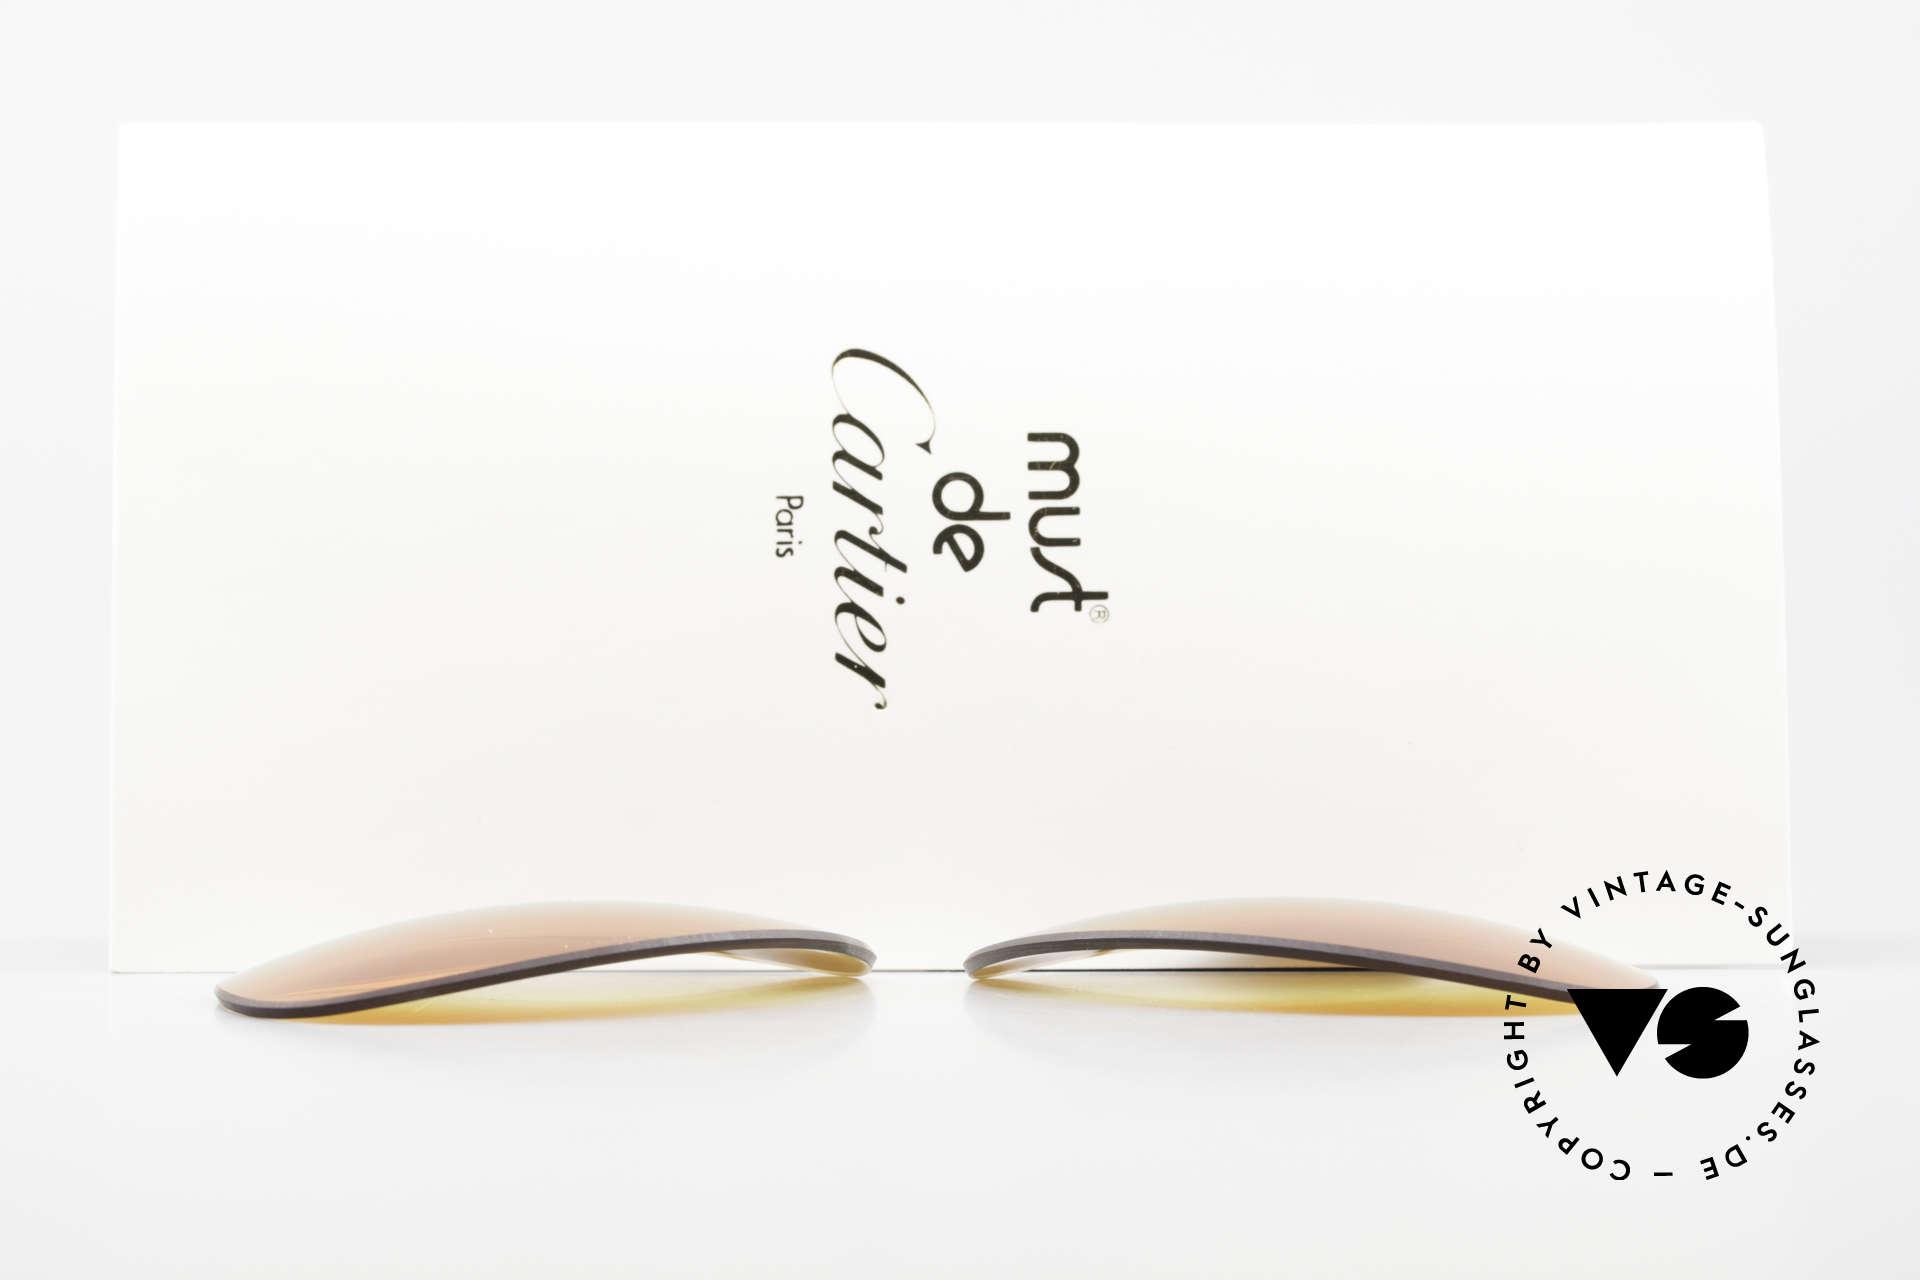 Cartier Vendome Lenses - L 3fach Verlauf Wüstensonne, von unserem Optiker gefertigt: daher neu & kratzerfrei, Passend für Herren und Damen